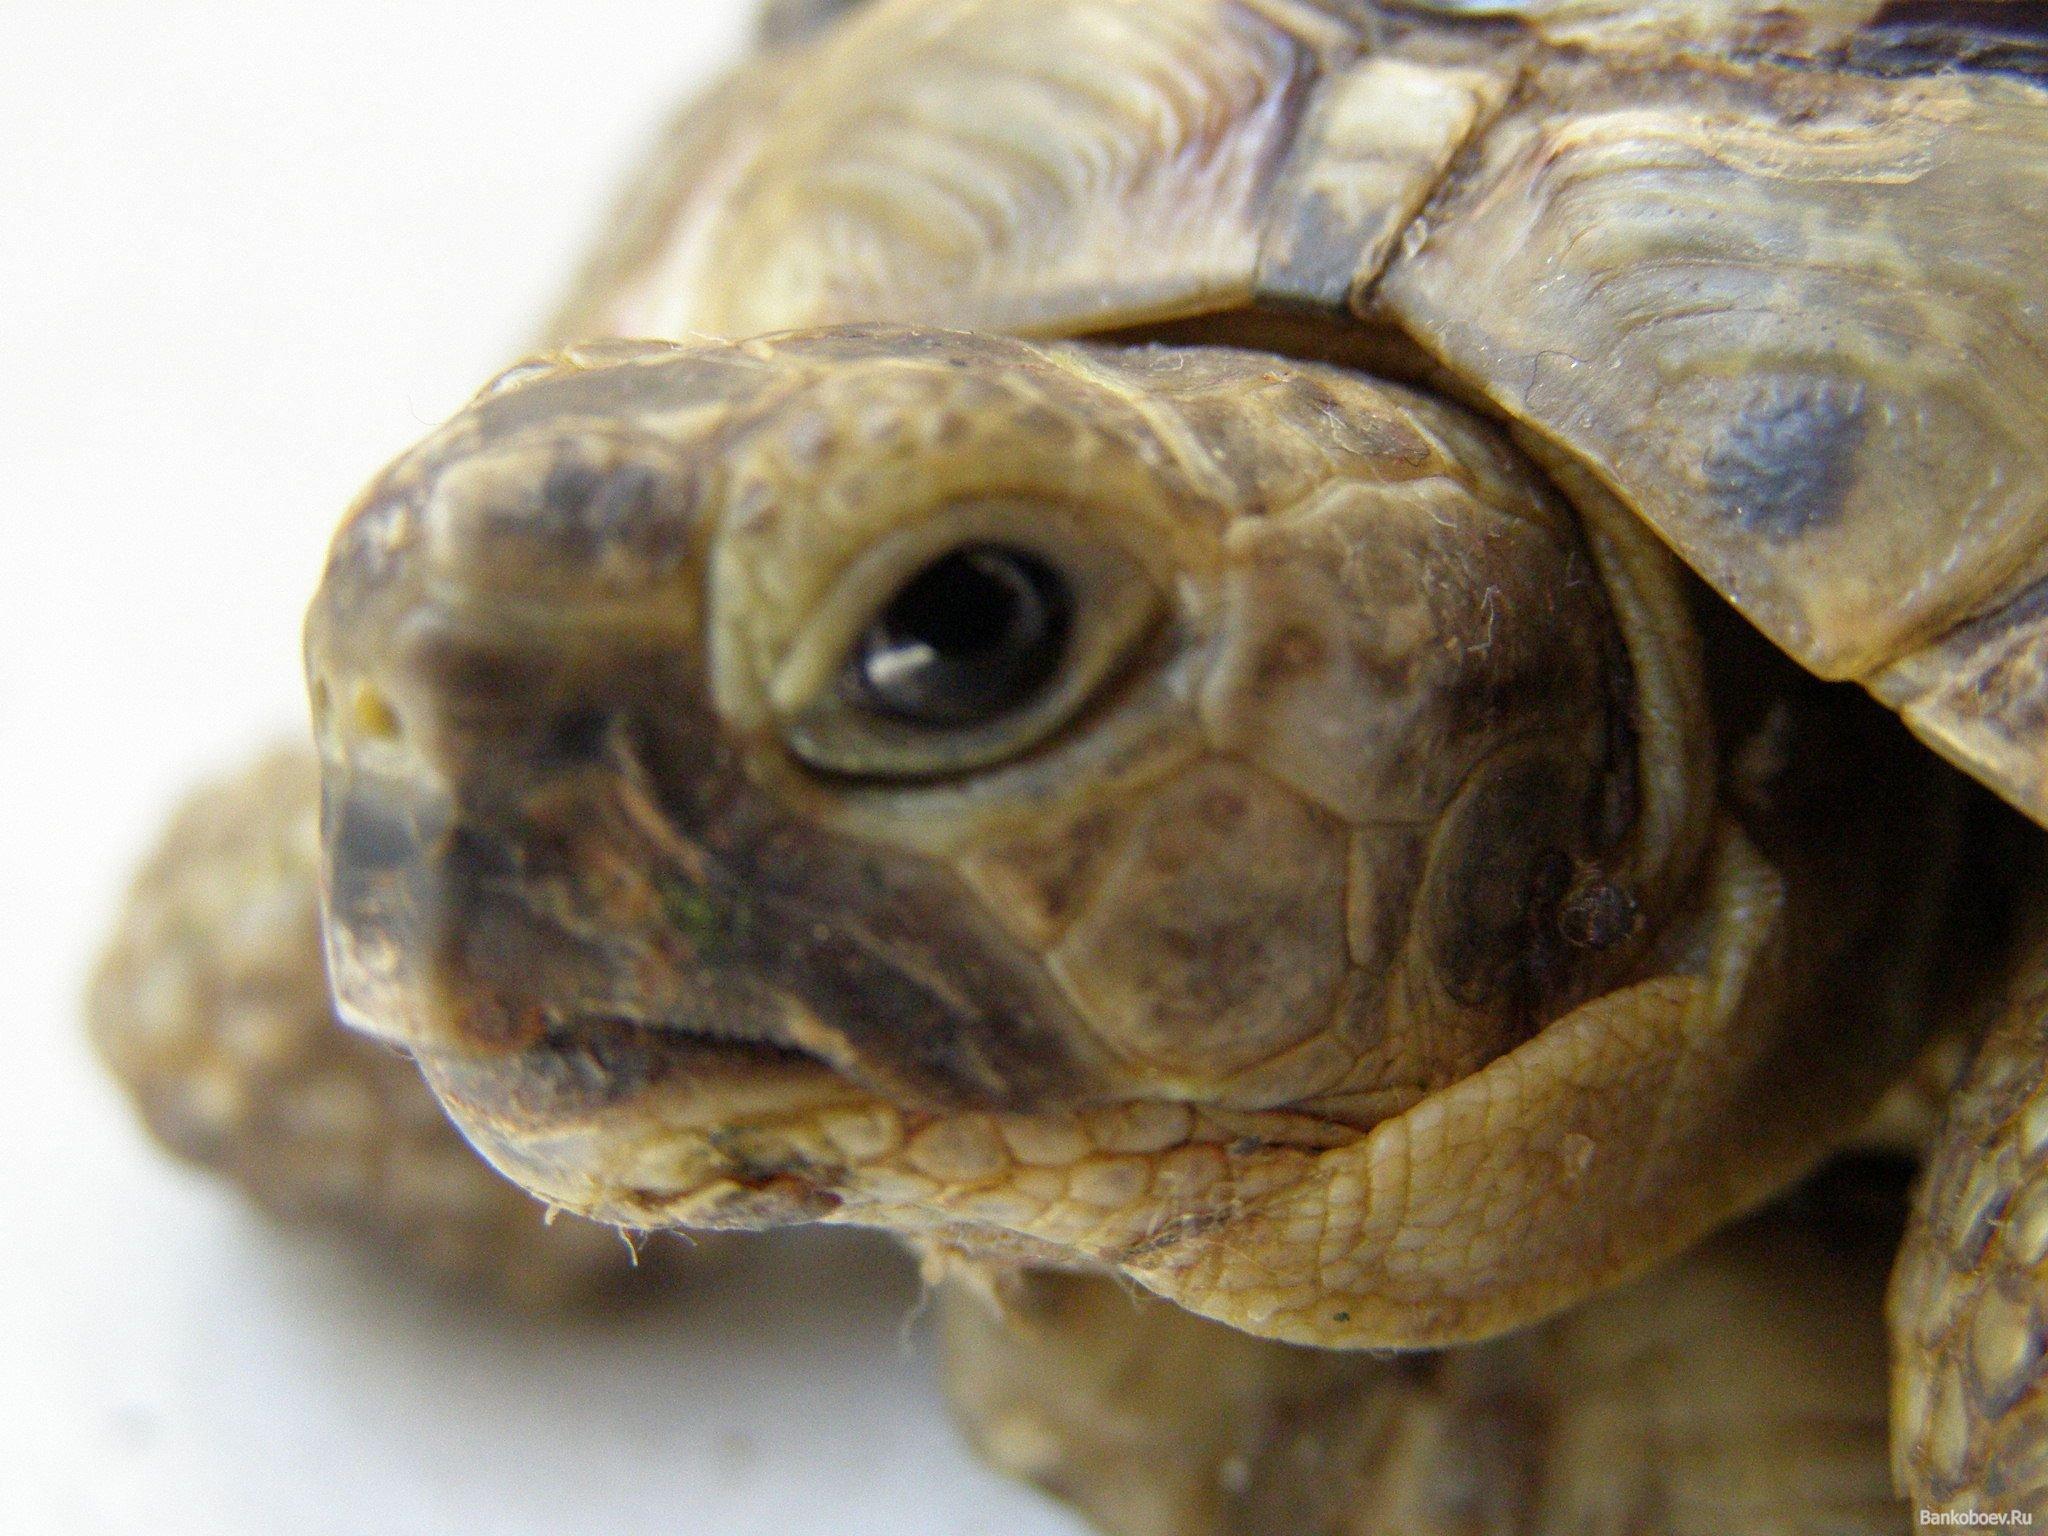 Решил стать хозяином и другом этого замечательного животного. Совсем скоро в мой дом зайдёт среднеазиатская черепаха .... - Изображение 1